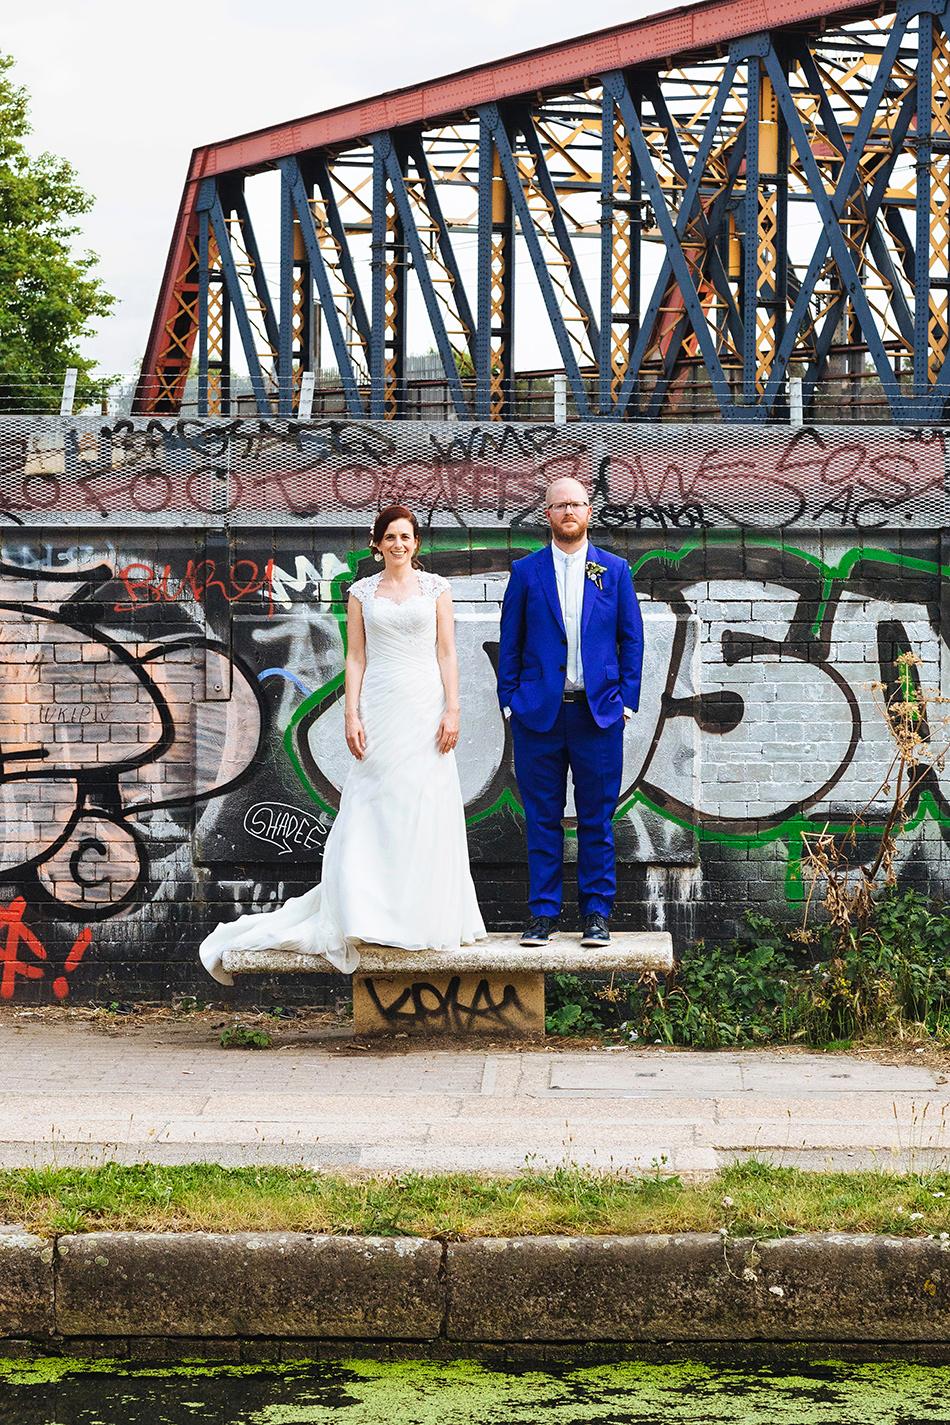 industrial wedding photography city wedding portrait on brick wall brisbane